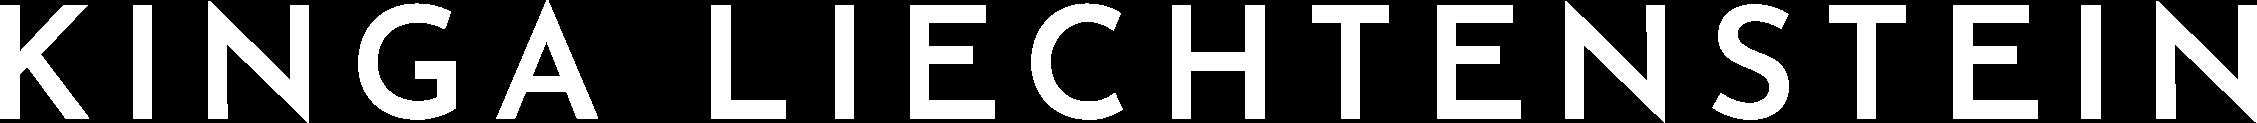 kl_logo w.png